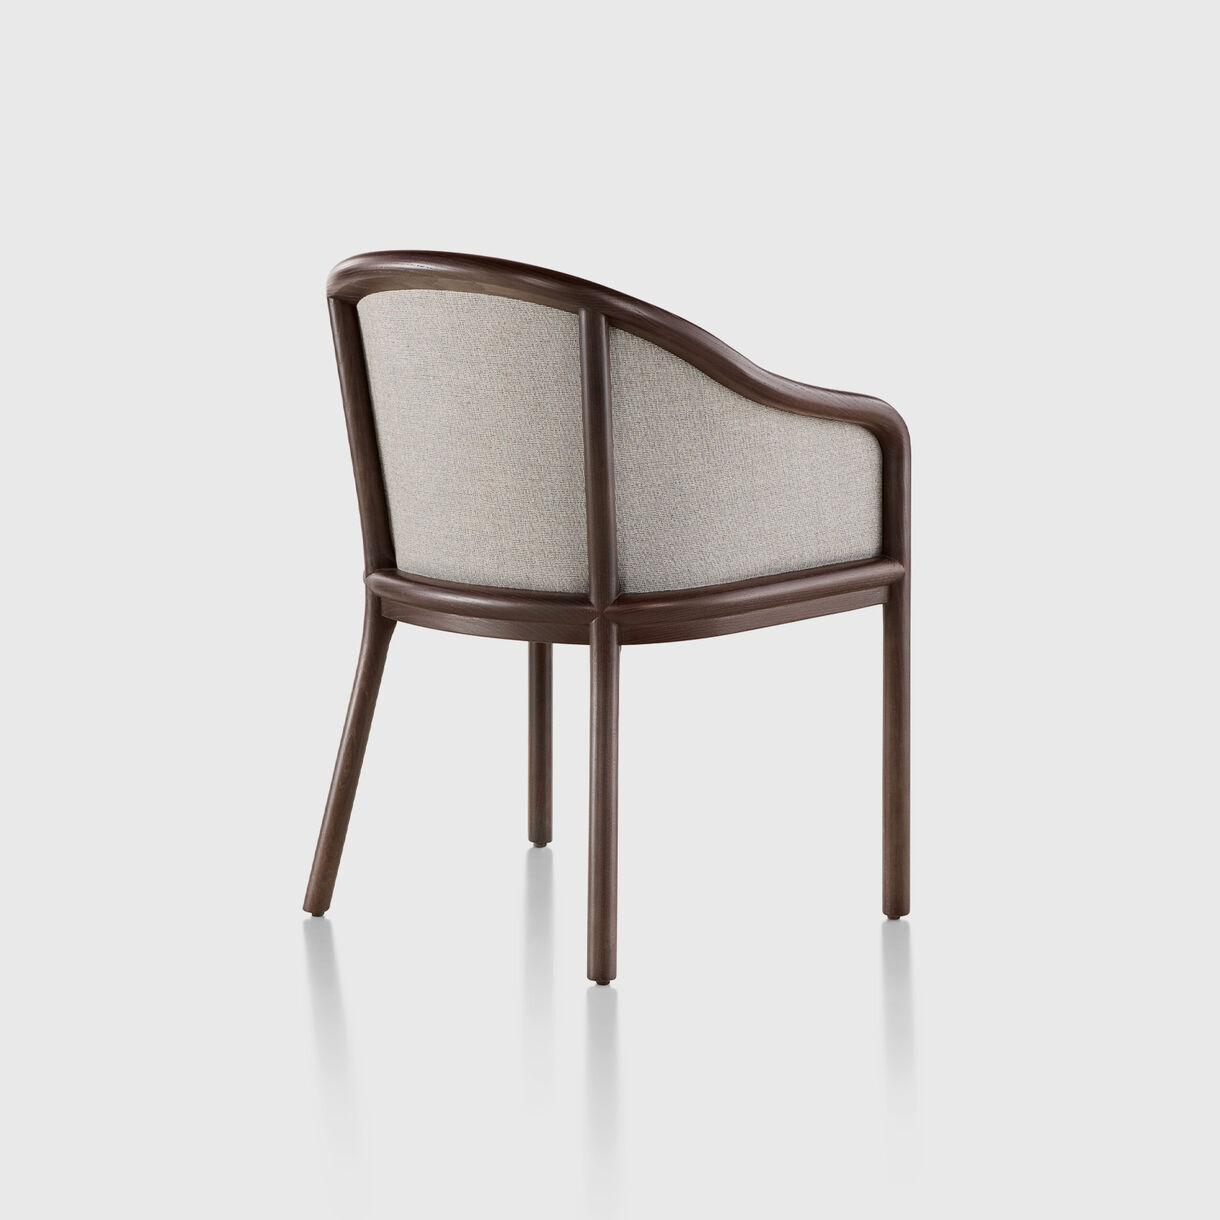 Landmark Chair, Upholstered